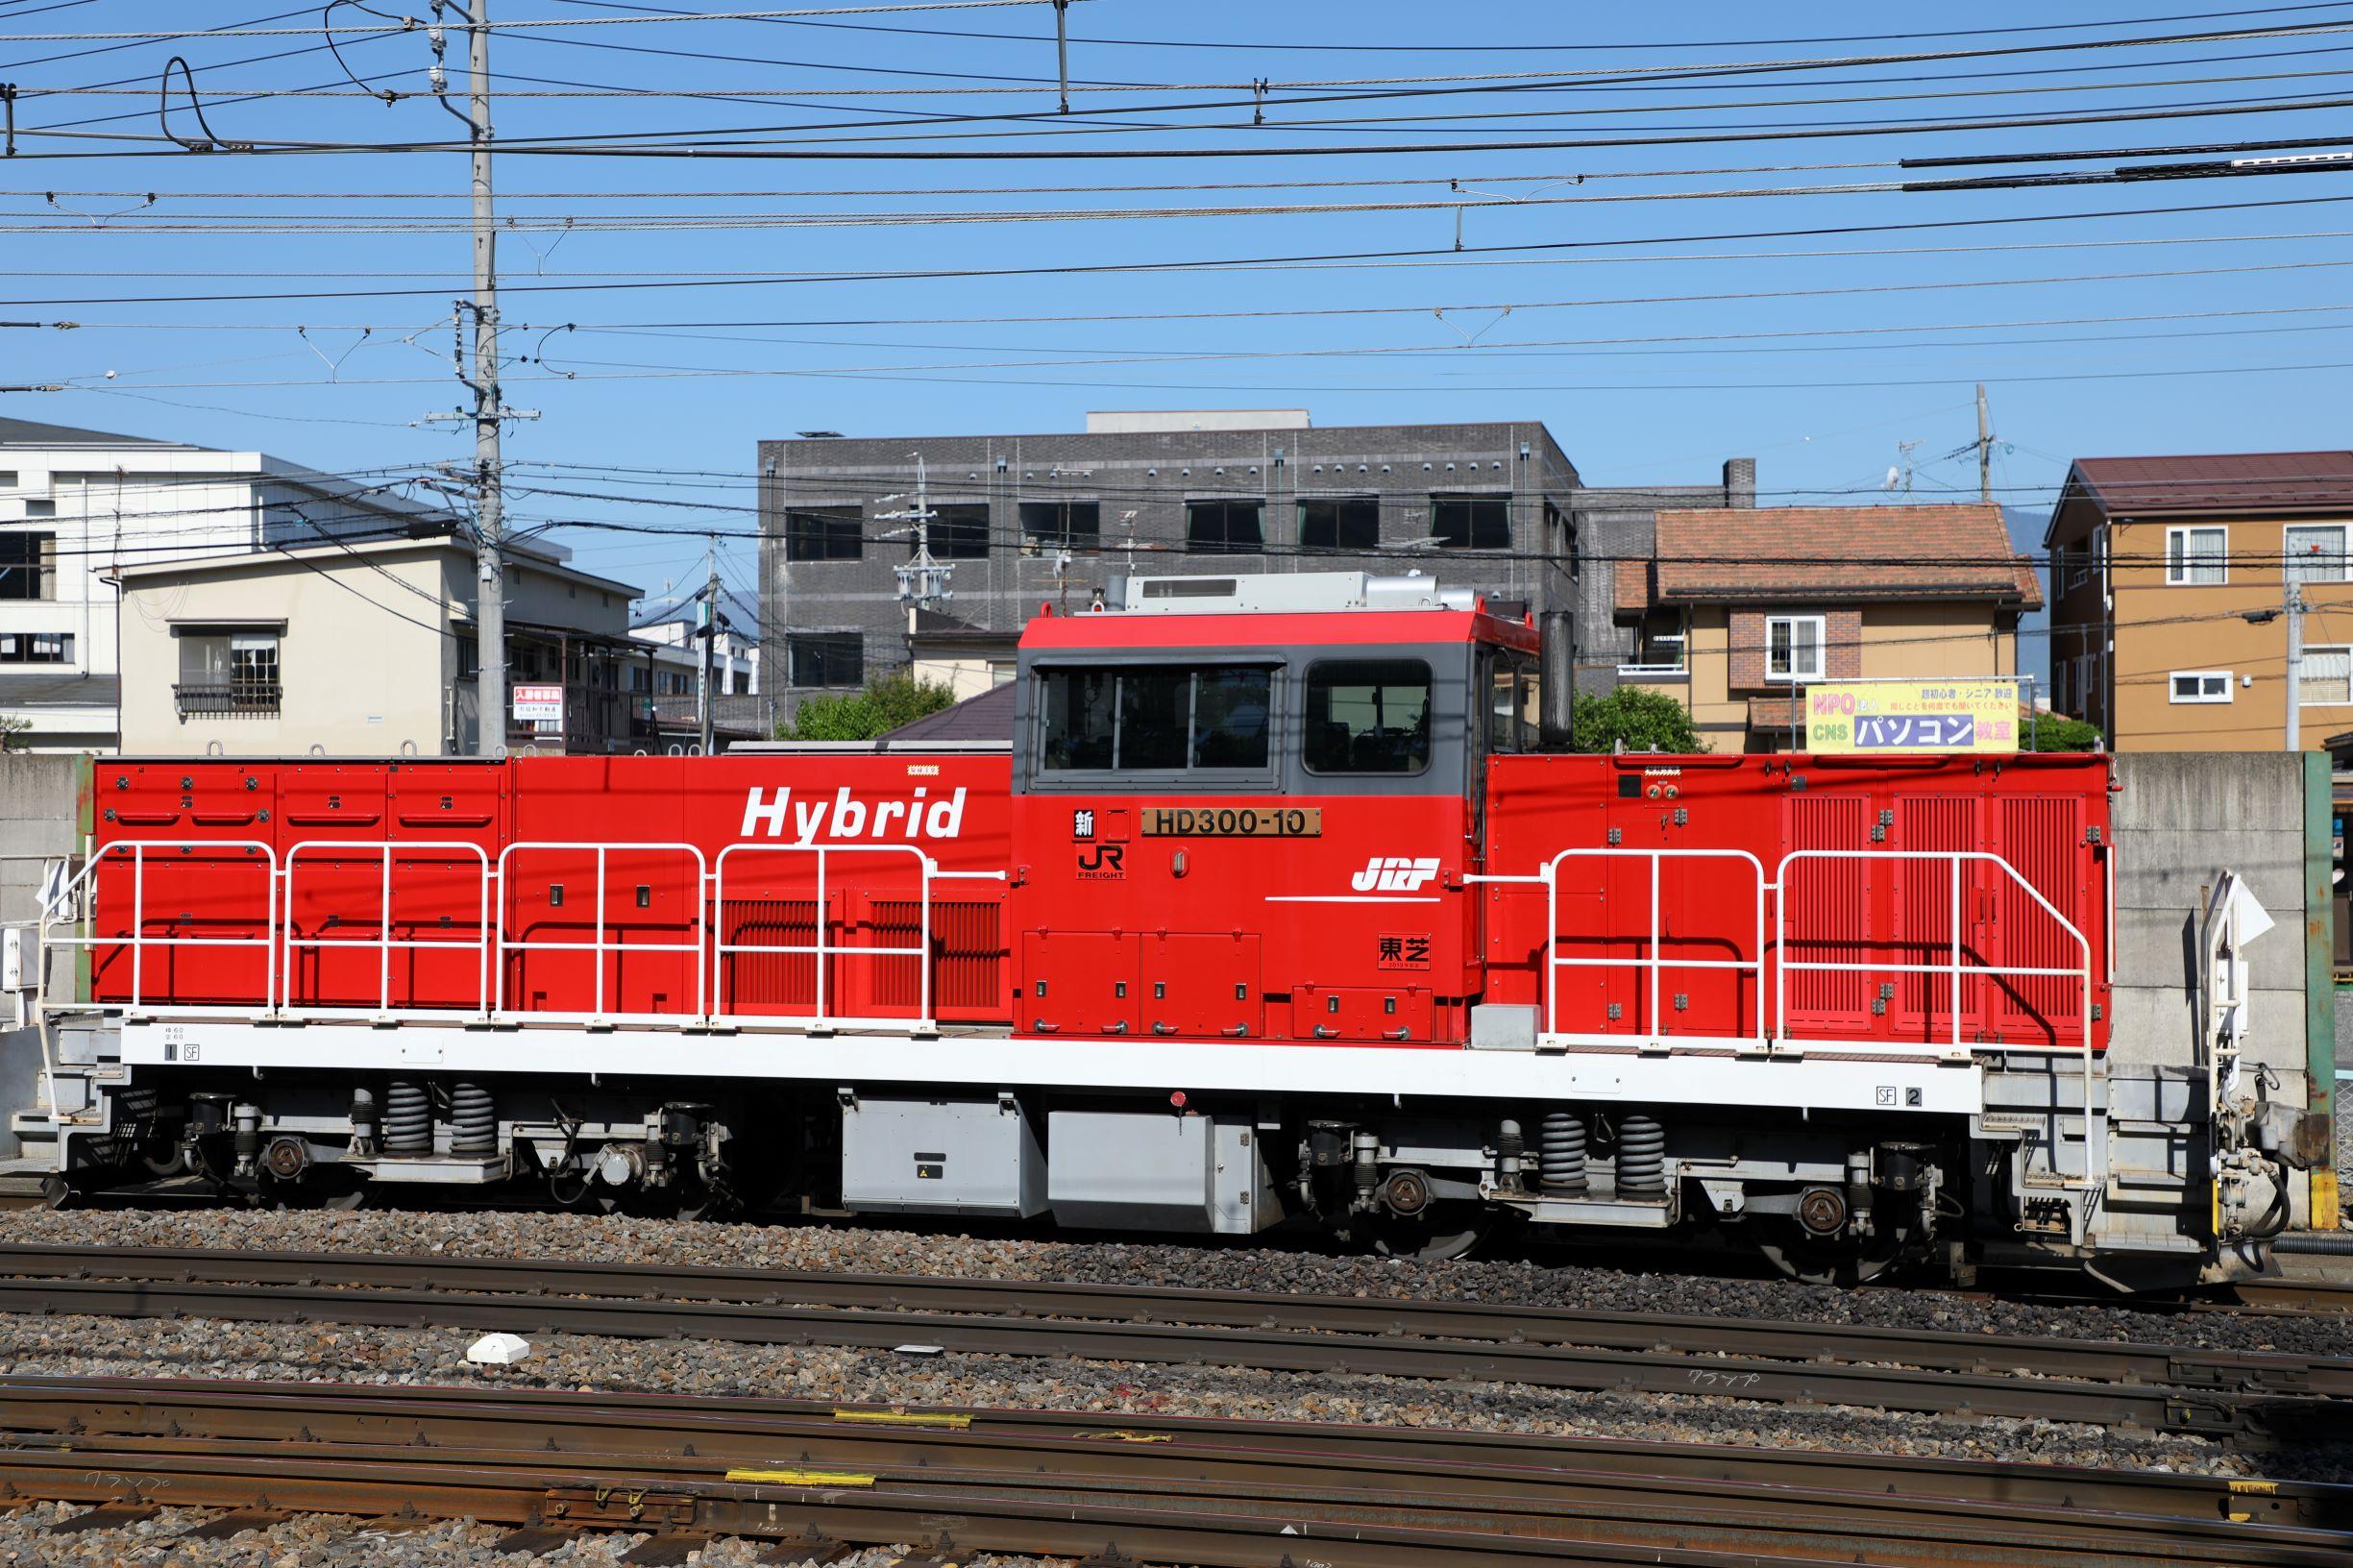 松本の隠れた電車撮影スポット南部公園を紹介します